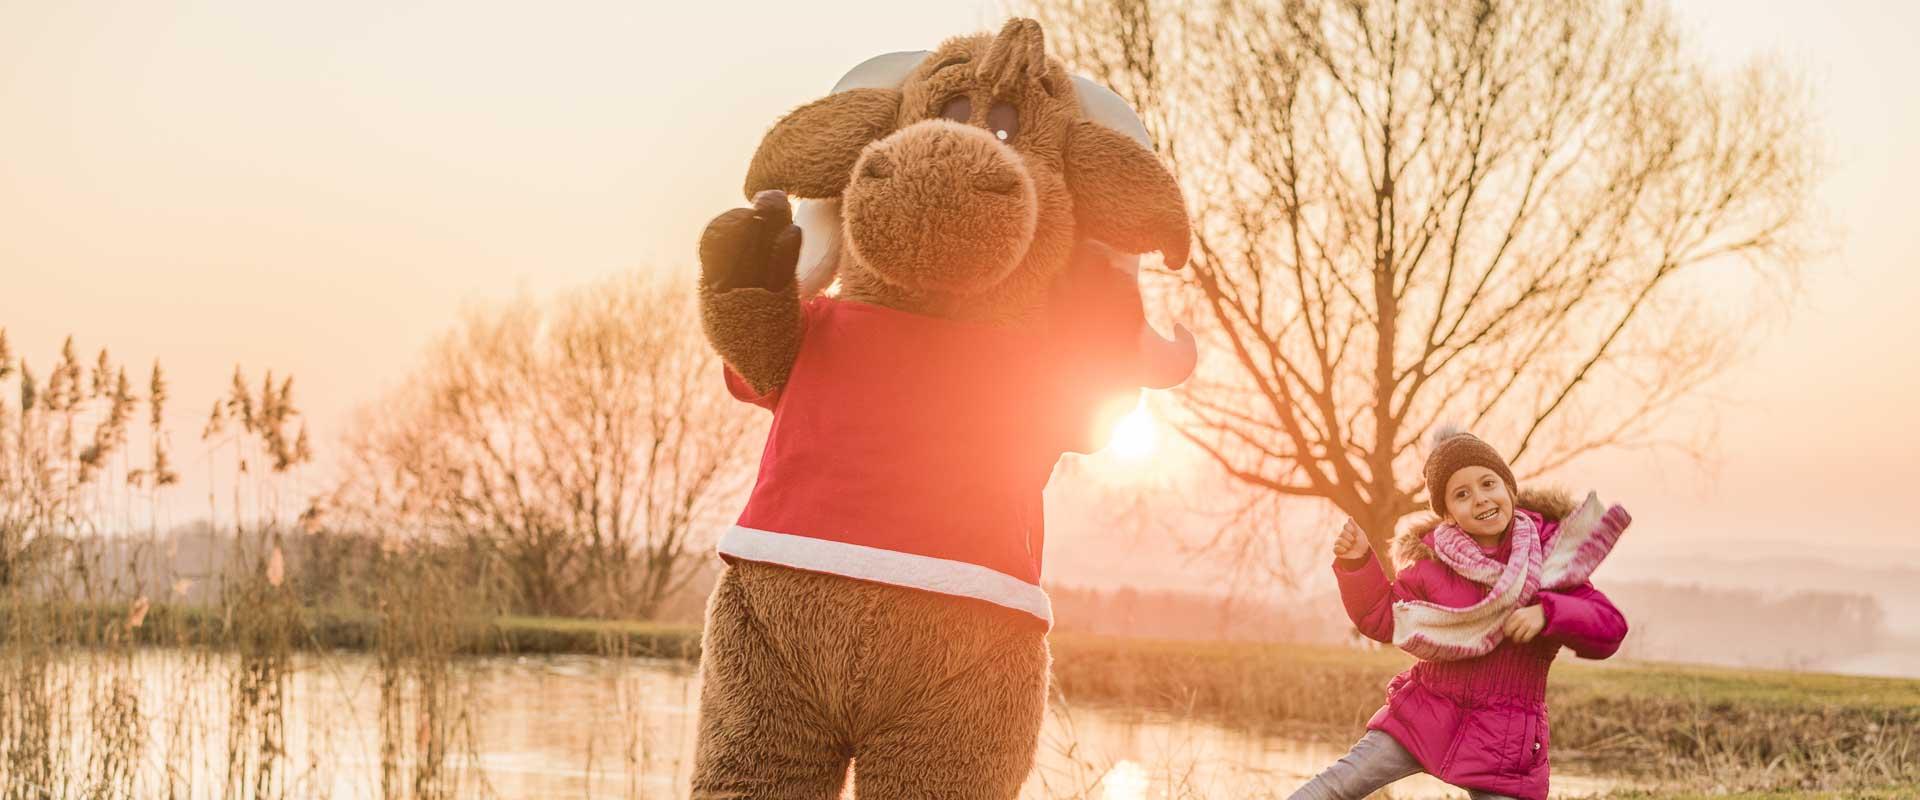 Maskottchen Kasimir beim Tanzen mit einem Mädchen bei Sonnenuntergang